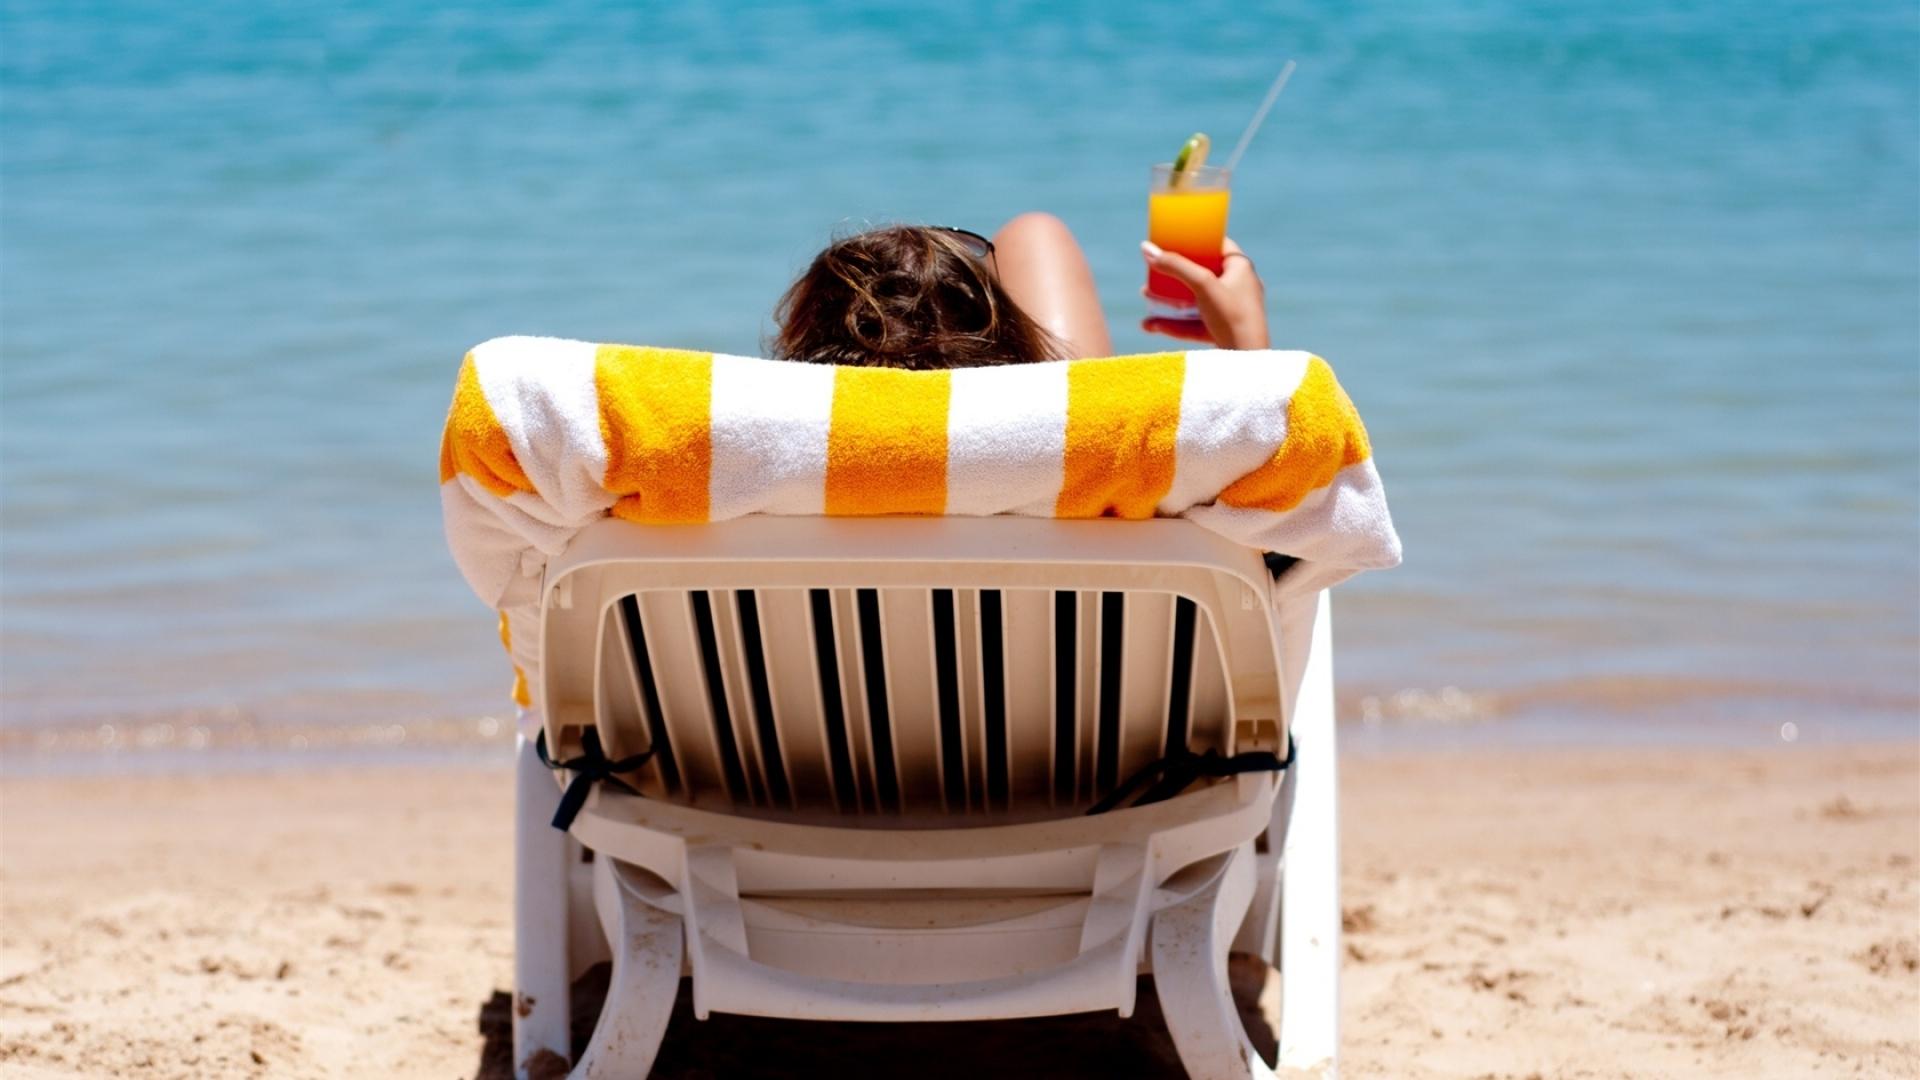 Коктейль, стакан, море, песок обои скачать